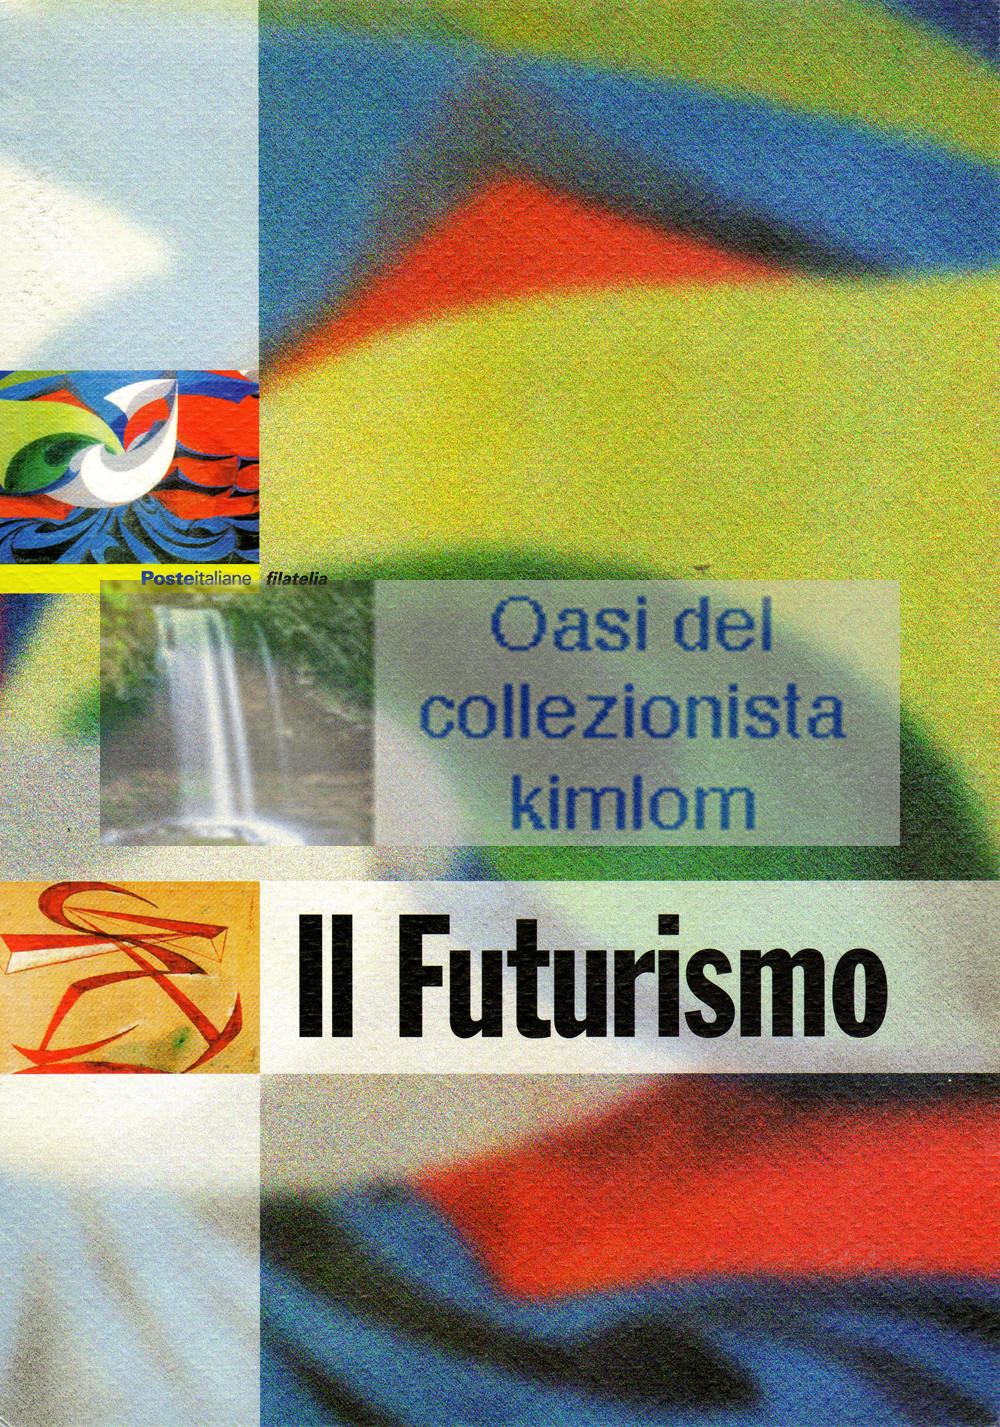 folder - Il futurismo